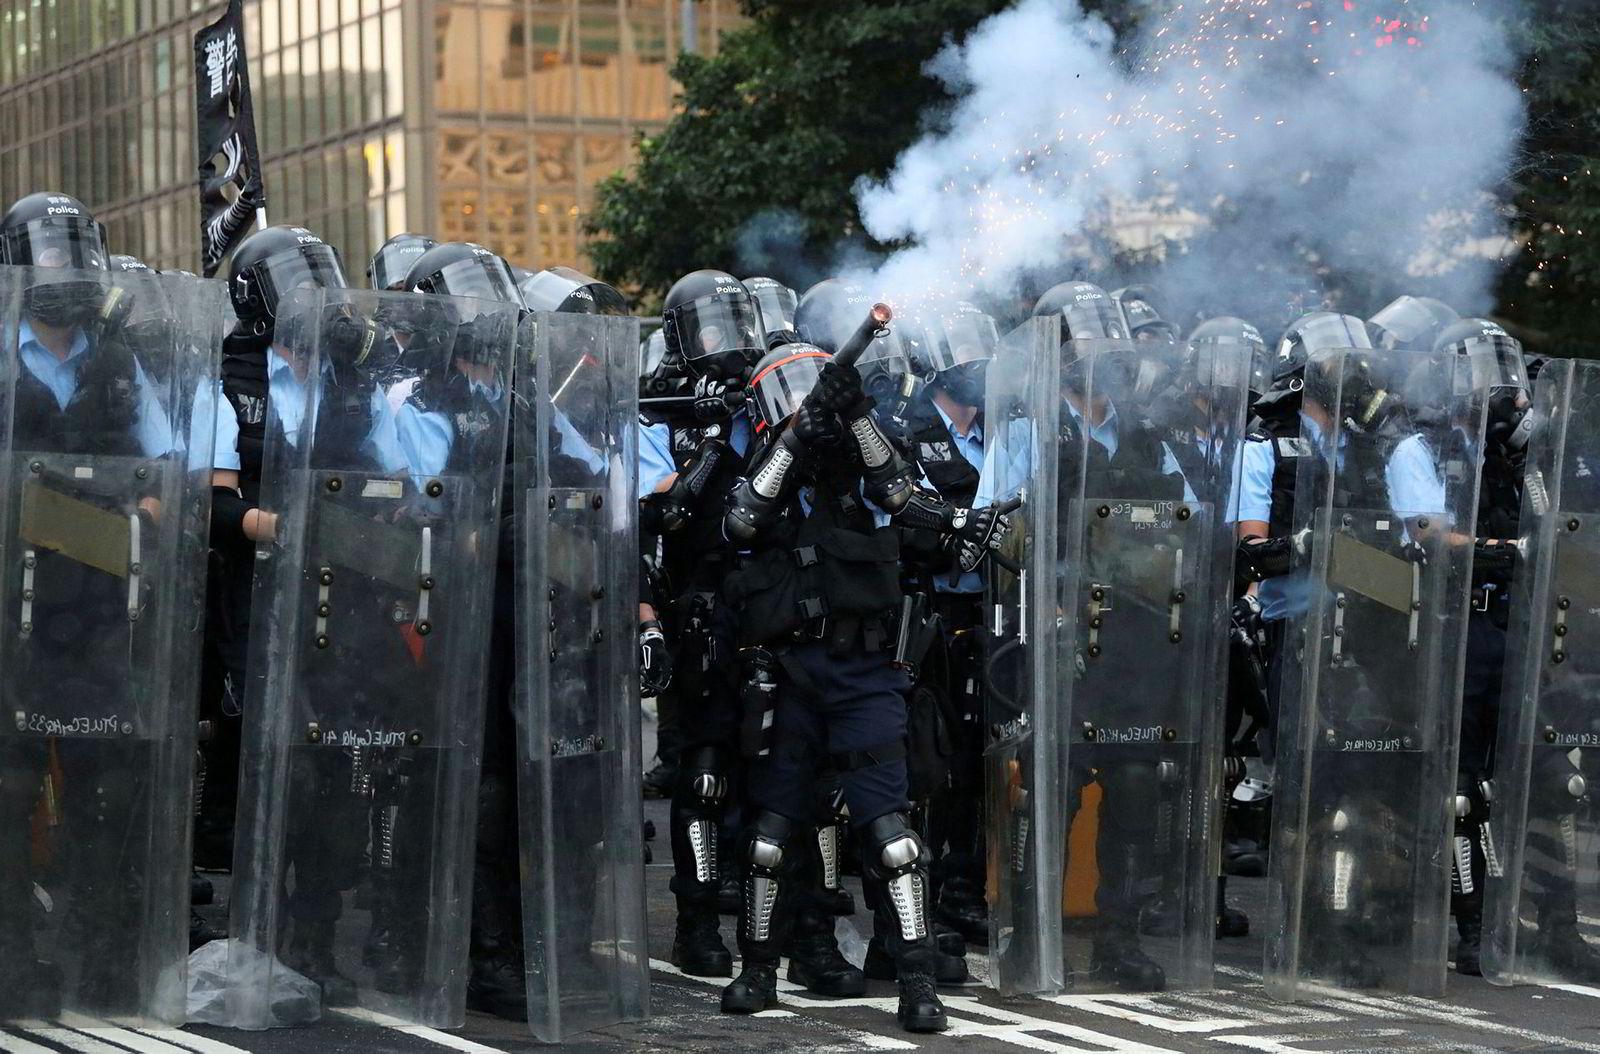 Politiet sendte tåregass mot demonstrantene under demonstrasjonen onsdag.